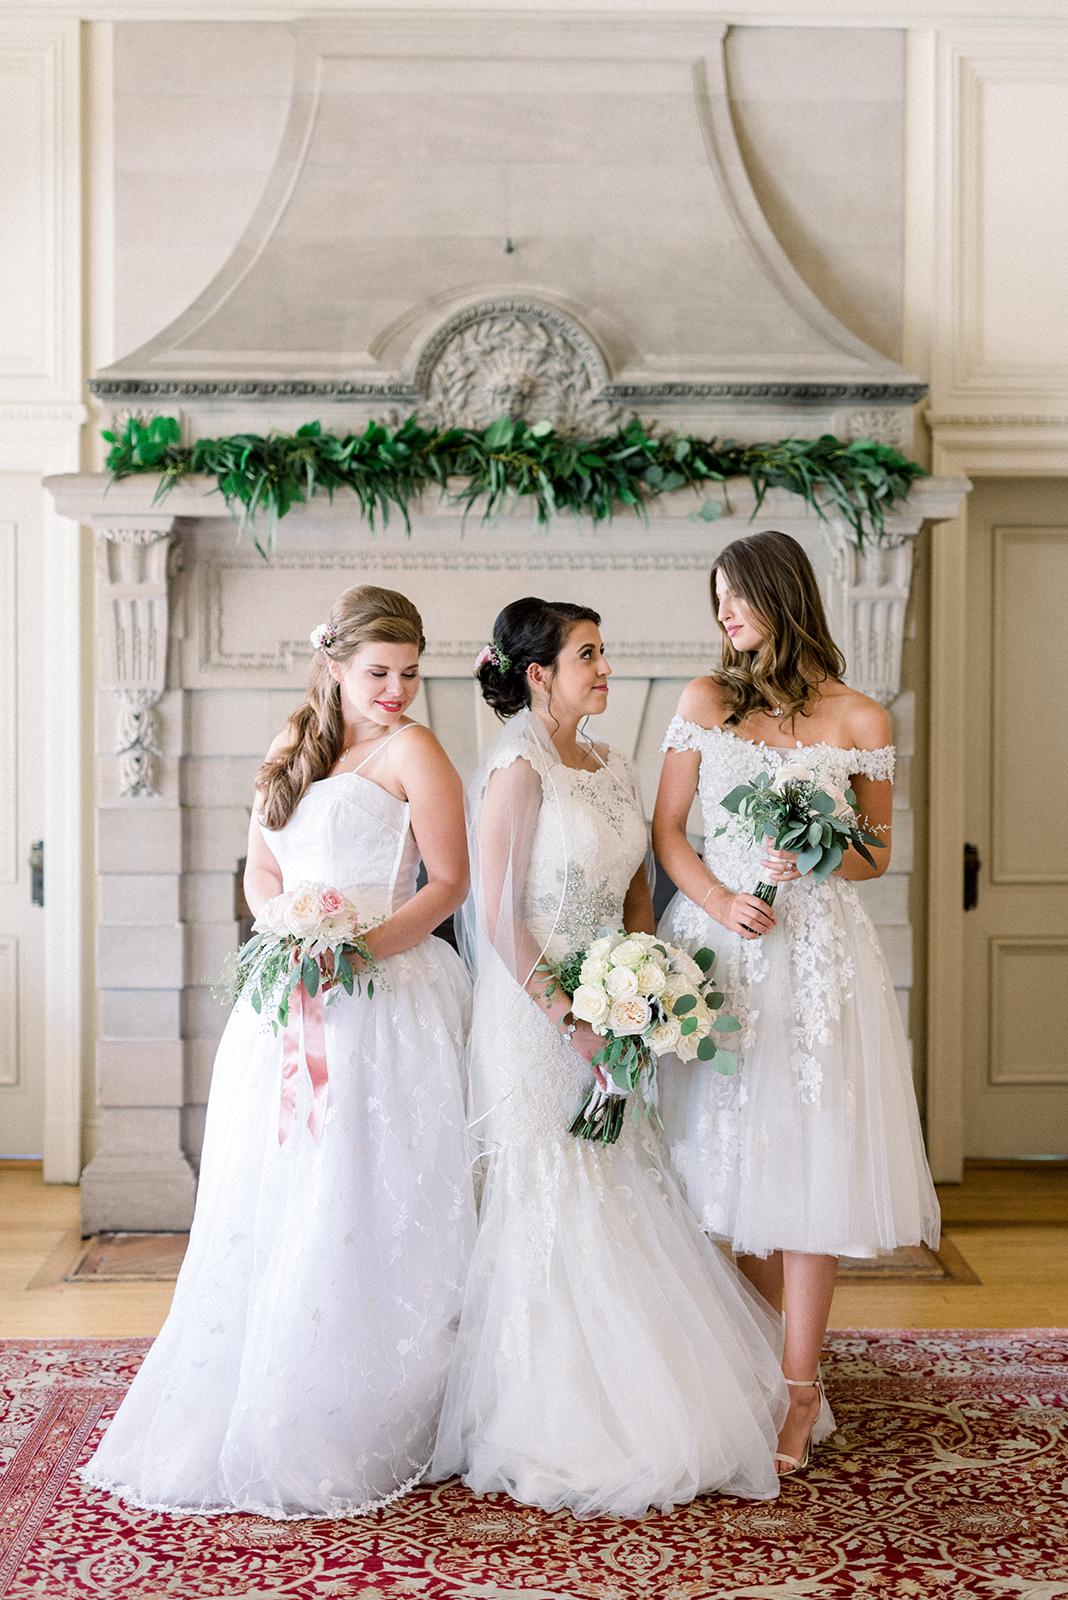 Cairnwood Estates wedding details62.jpg